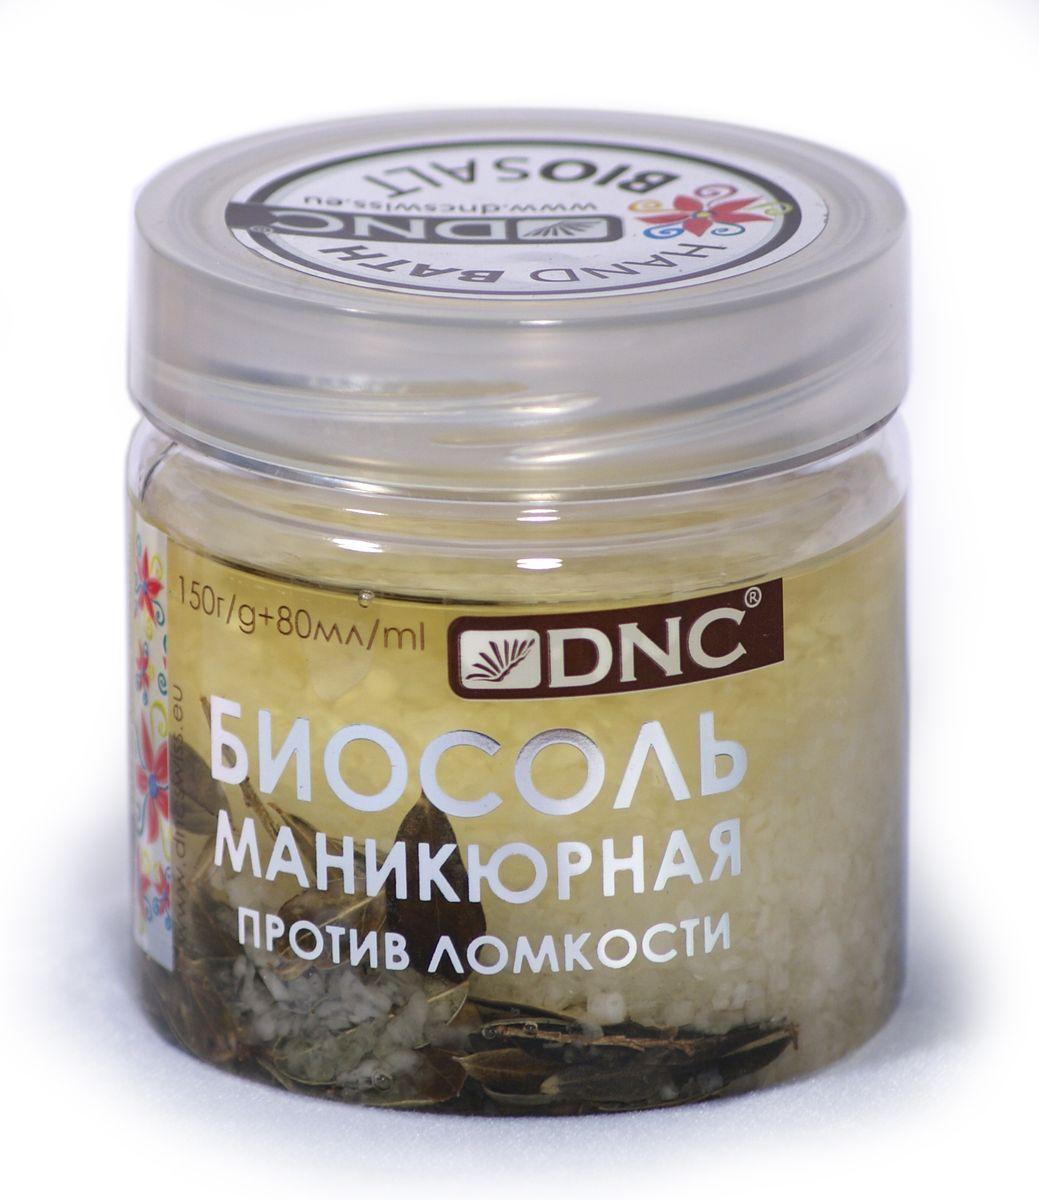 Биосоль маникюрная DNC, против ломкости, 150 г + 80 мл28032022Уникальное сочетание масляного комплекса и морской соли с растительными компонентами. Брусника и растительные масла размягчают ногти и кутикулу, что помогает укрепить ногти и эффективно обработать околоногтевой валик. Ланолин и витамин F насыщают ногти питательными веществами, делая их более крепкими и пластичными. Содержимого хватит примерно на 30 ванночек для рук.